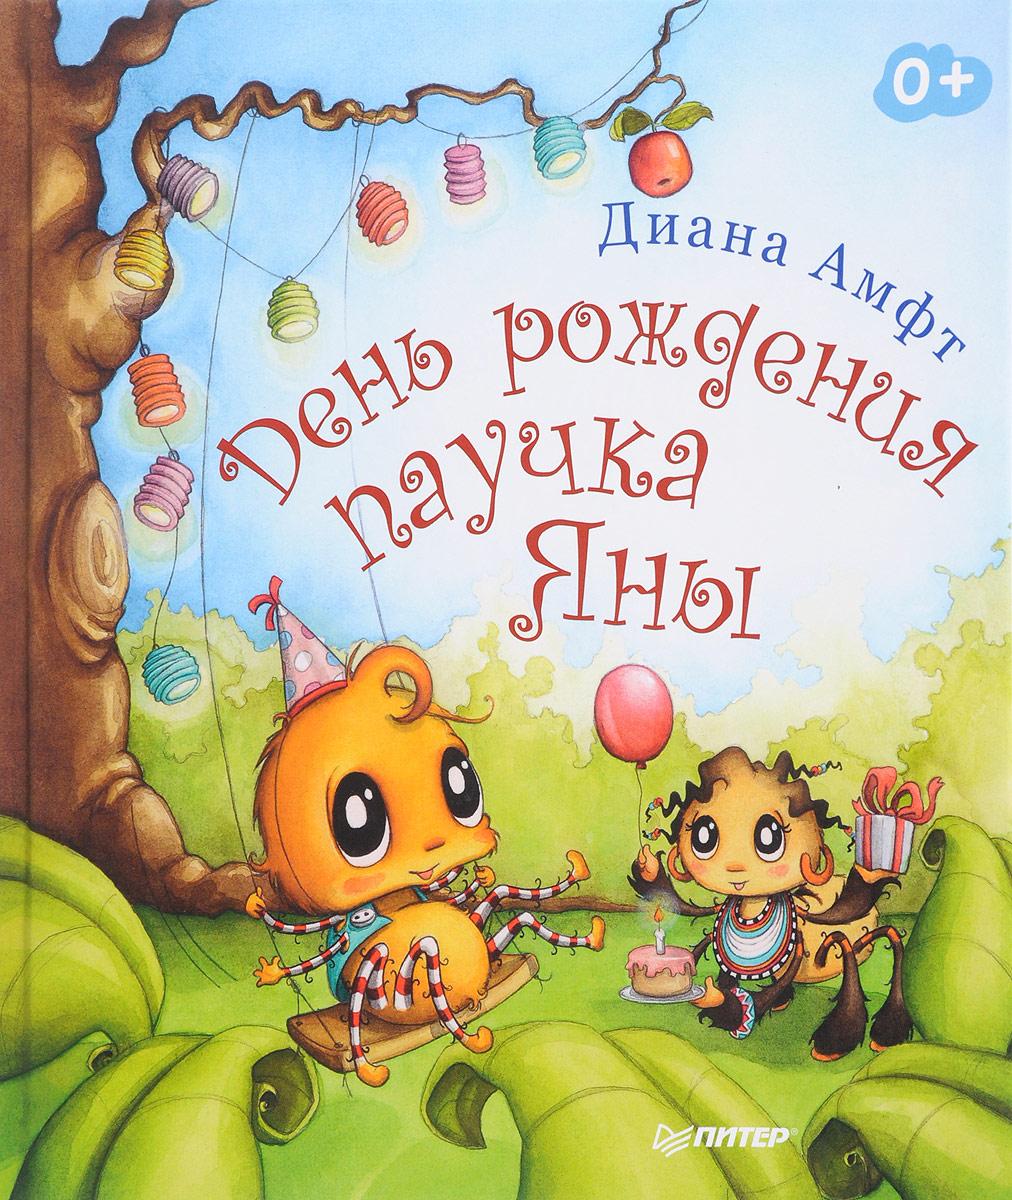 Диана Амфт День рождения паучка Яны